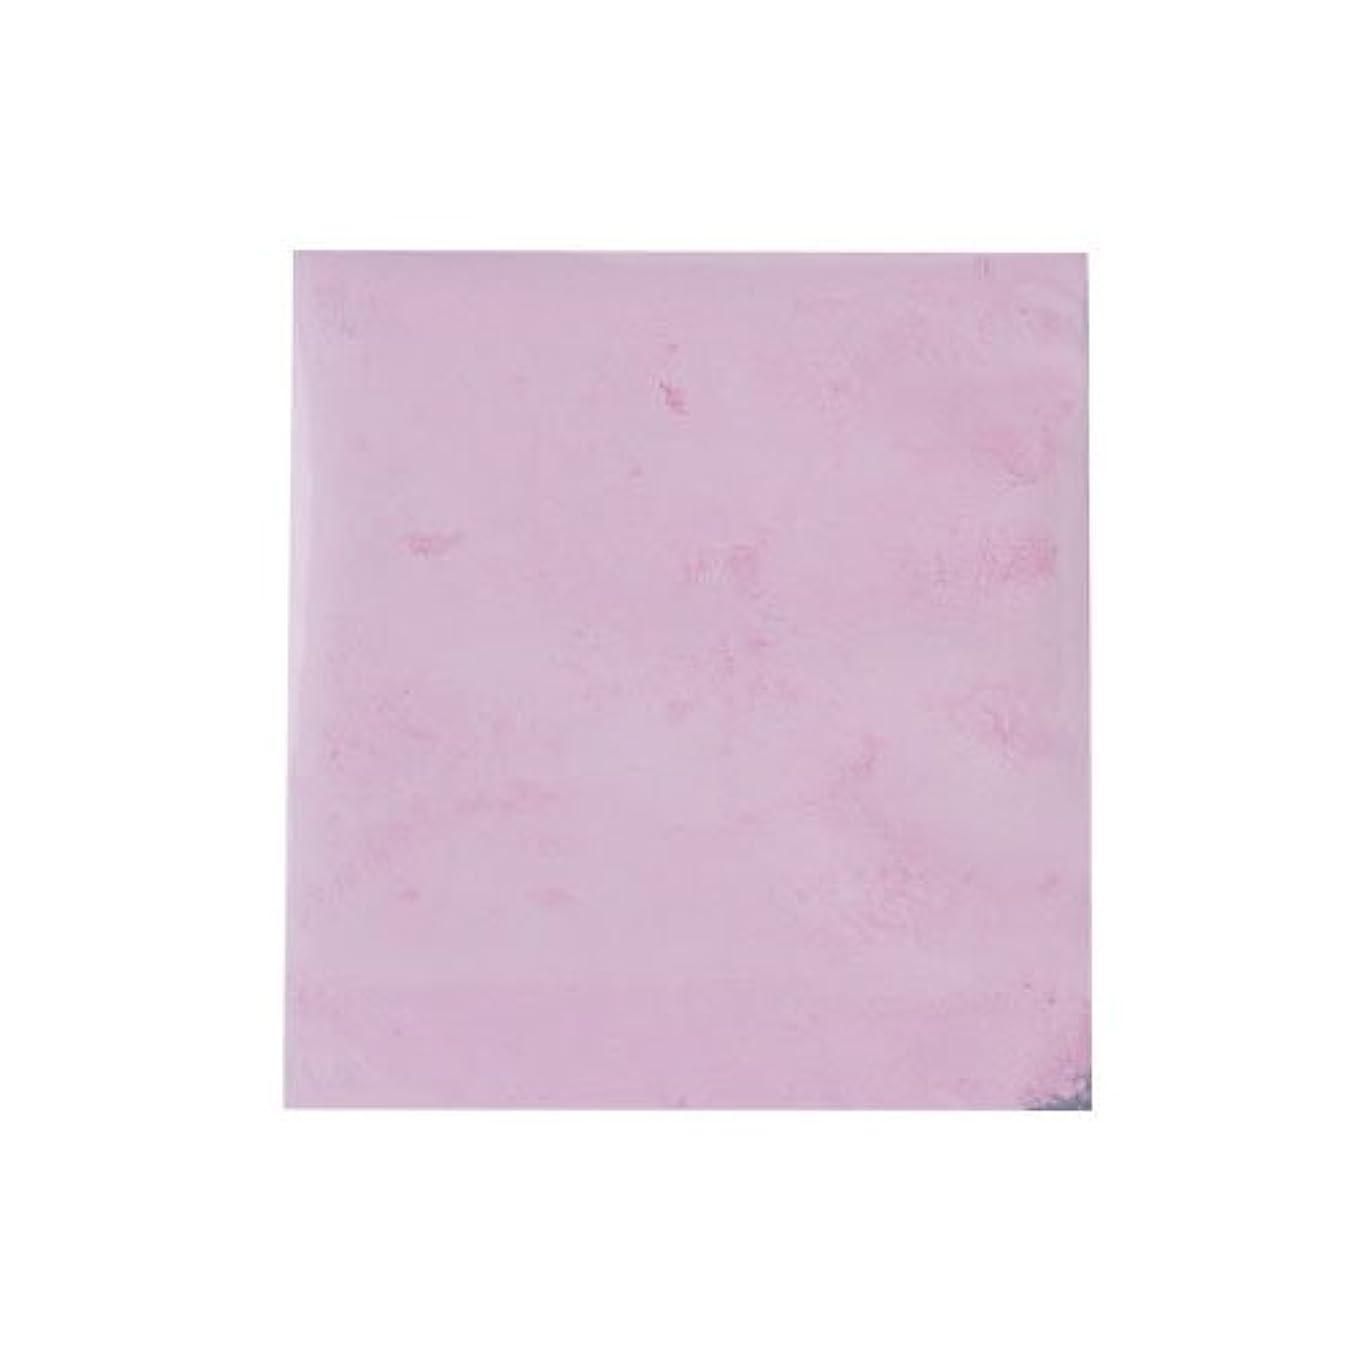 扇動確かに注入ピカエース ネイル用パウダー カラーパウダー 着色顔料 #724 ローズピンク 2g